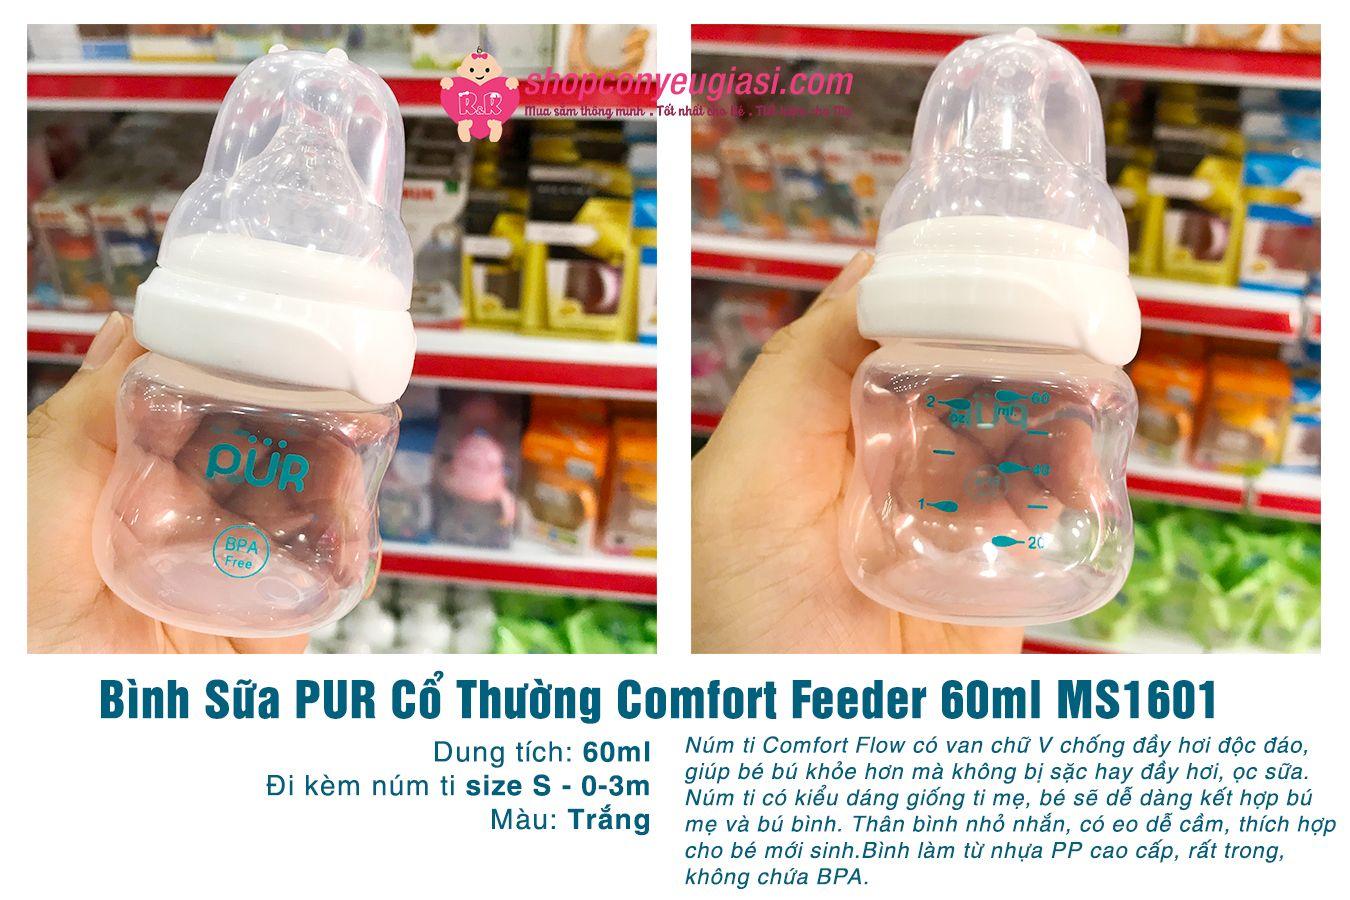 shopconyeugiasi] Các loại bình sữa dành cho bé   Sữa, Đồ chơi trẻ em, Phụ  kiện